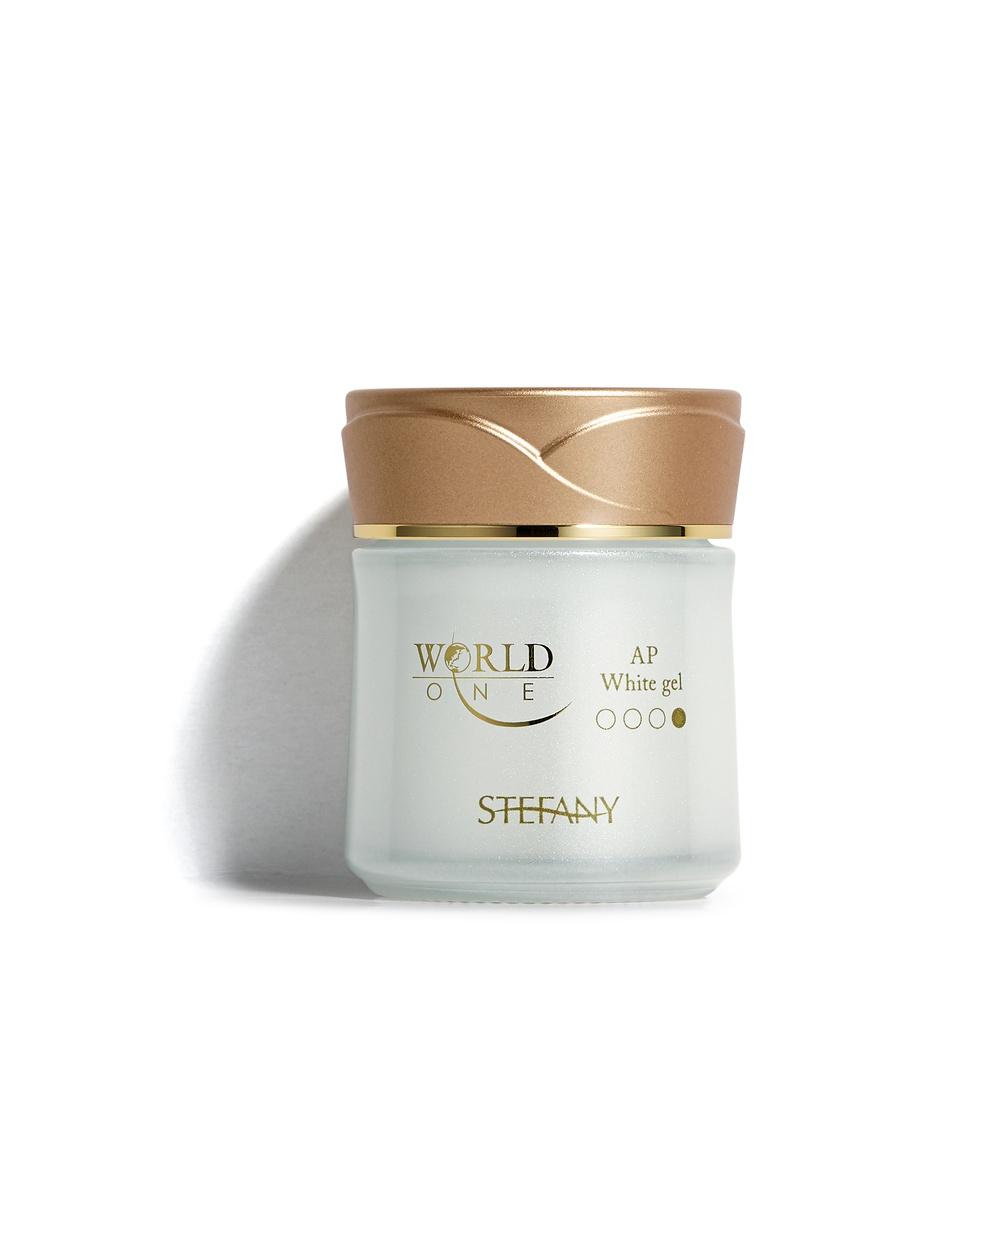 STEFANY(ステファニー) WORLD ONE アクティブパワーホワイトジェルの商品画像